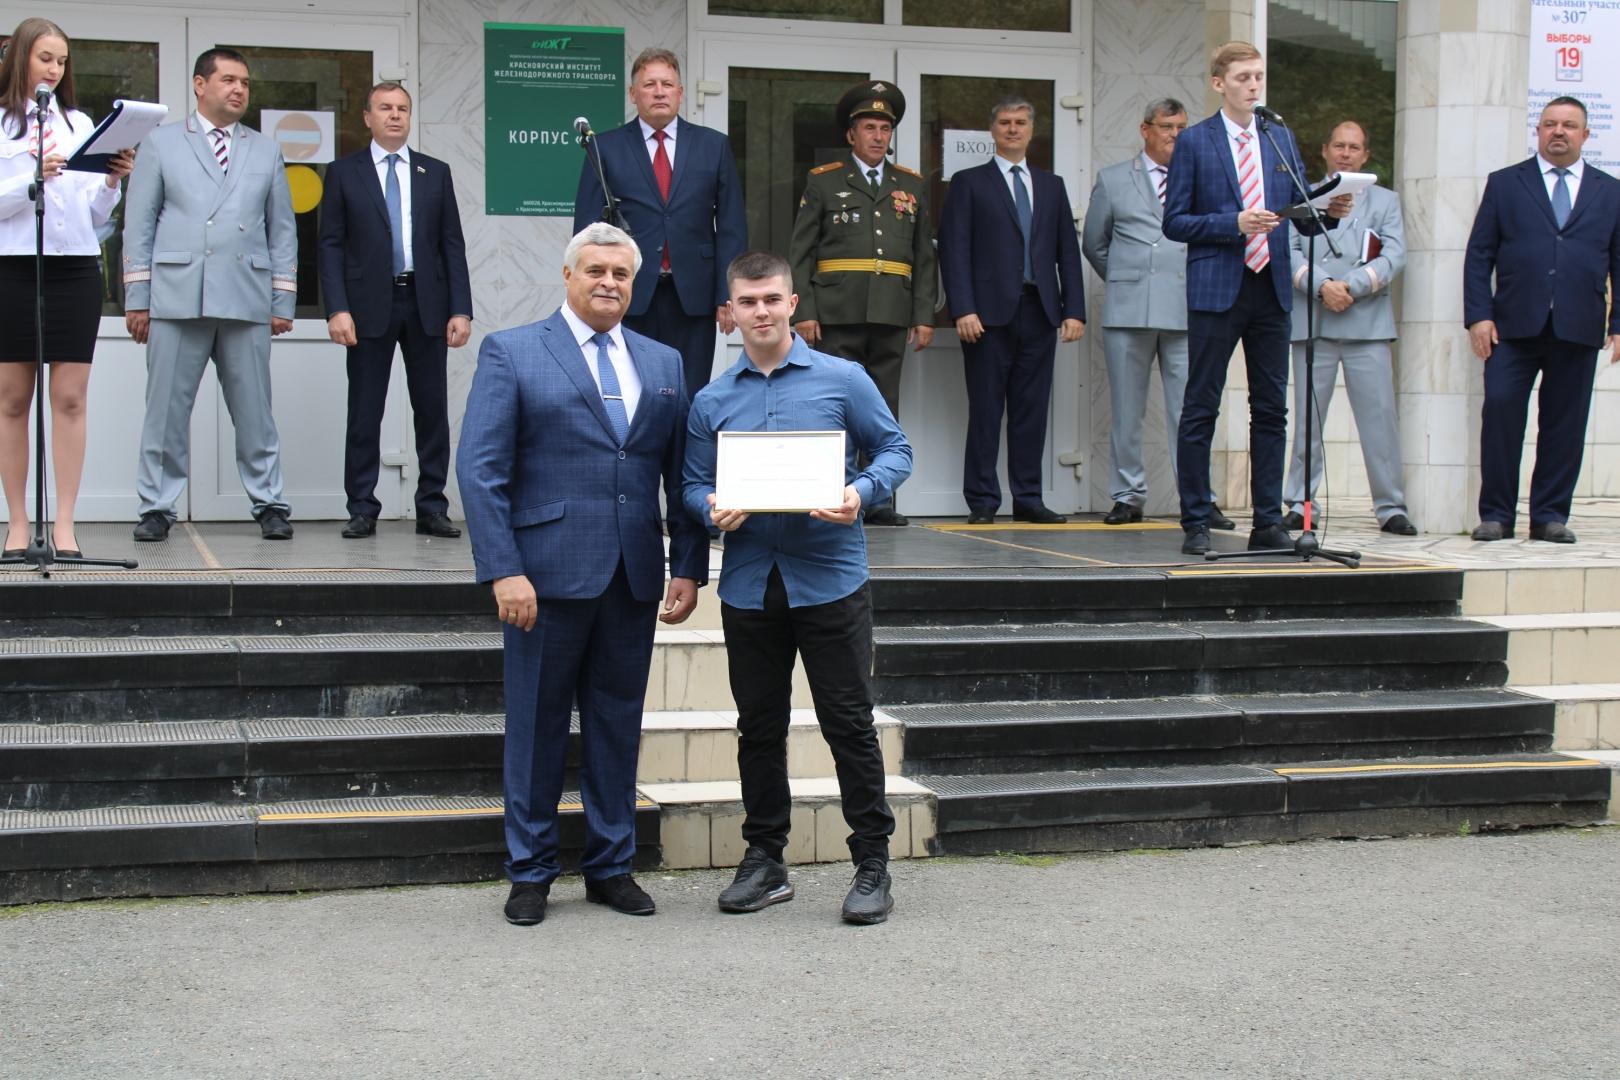 Торжественная линейка в Красноярском институте железнодорожного транспорта 1 сентября 2021